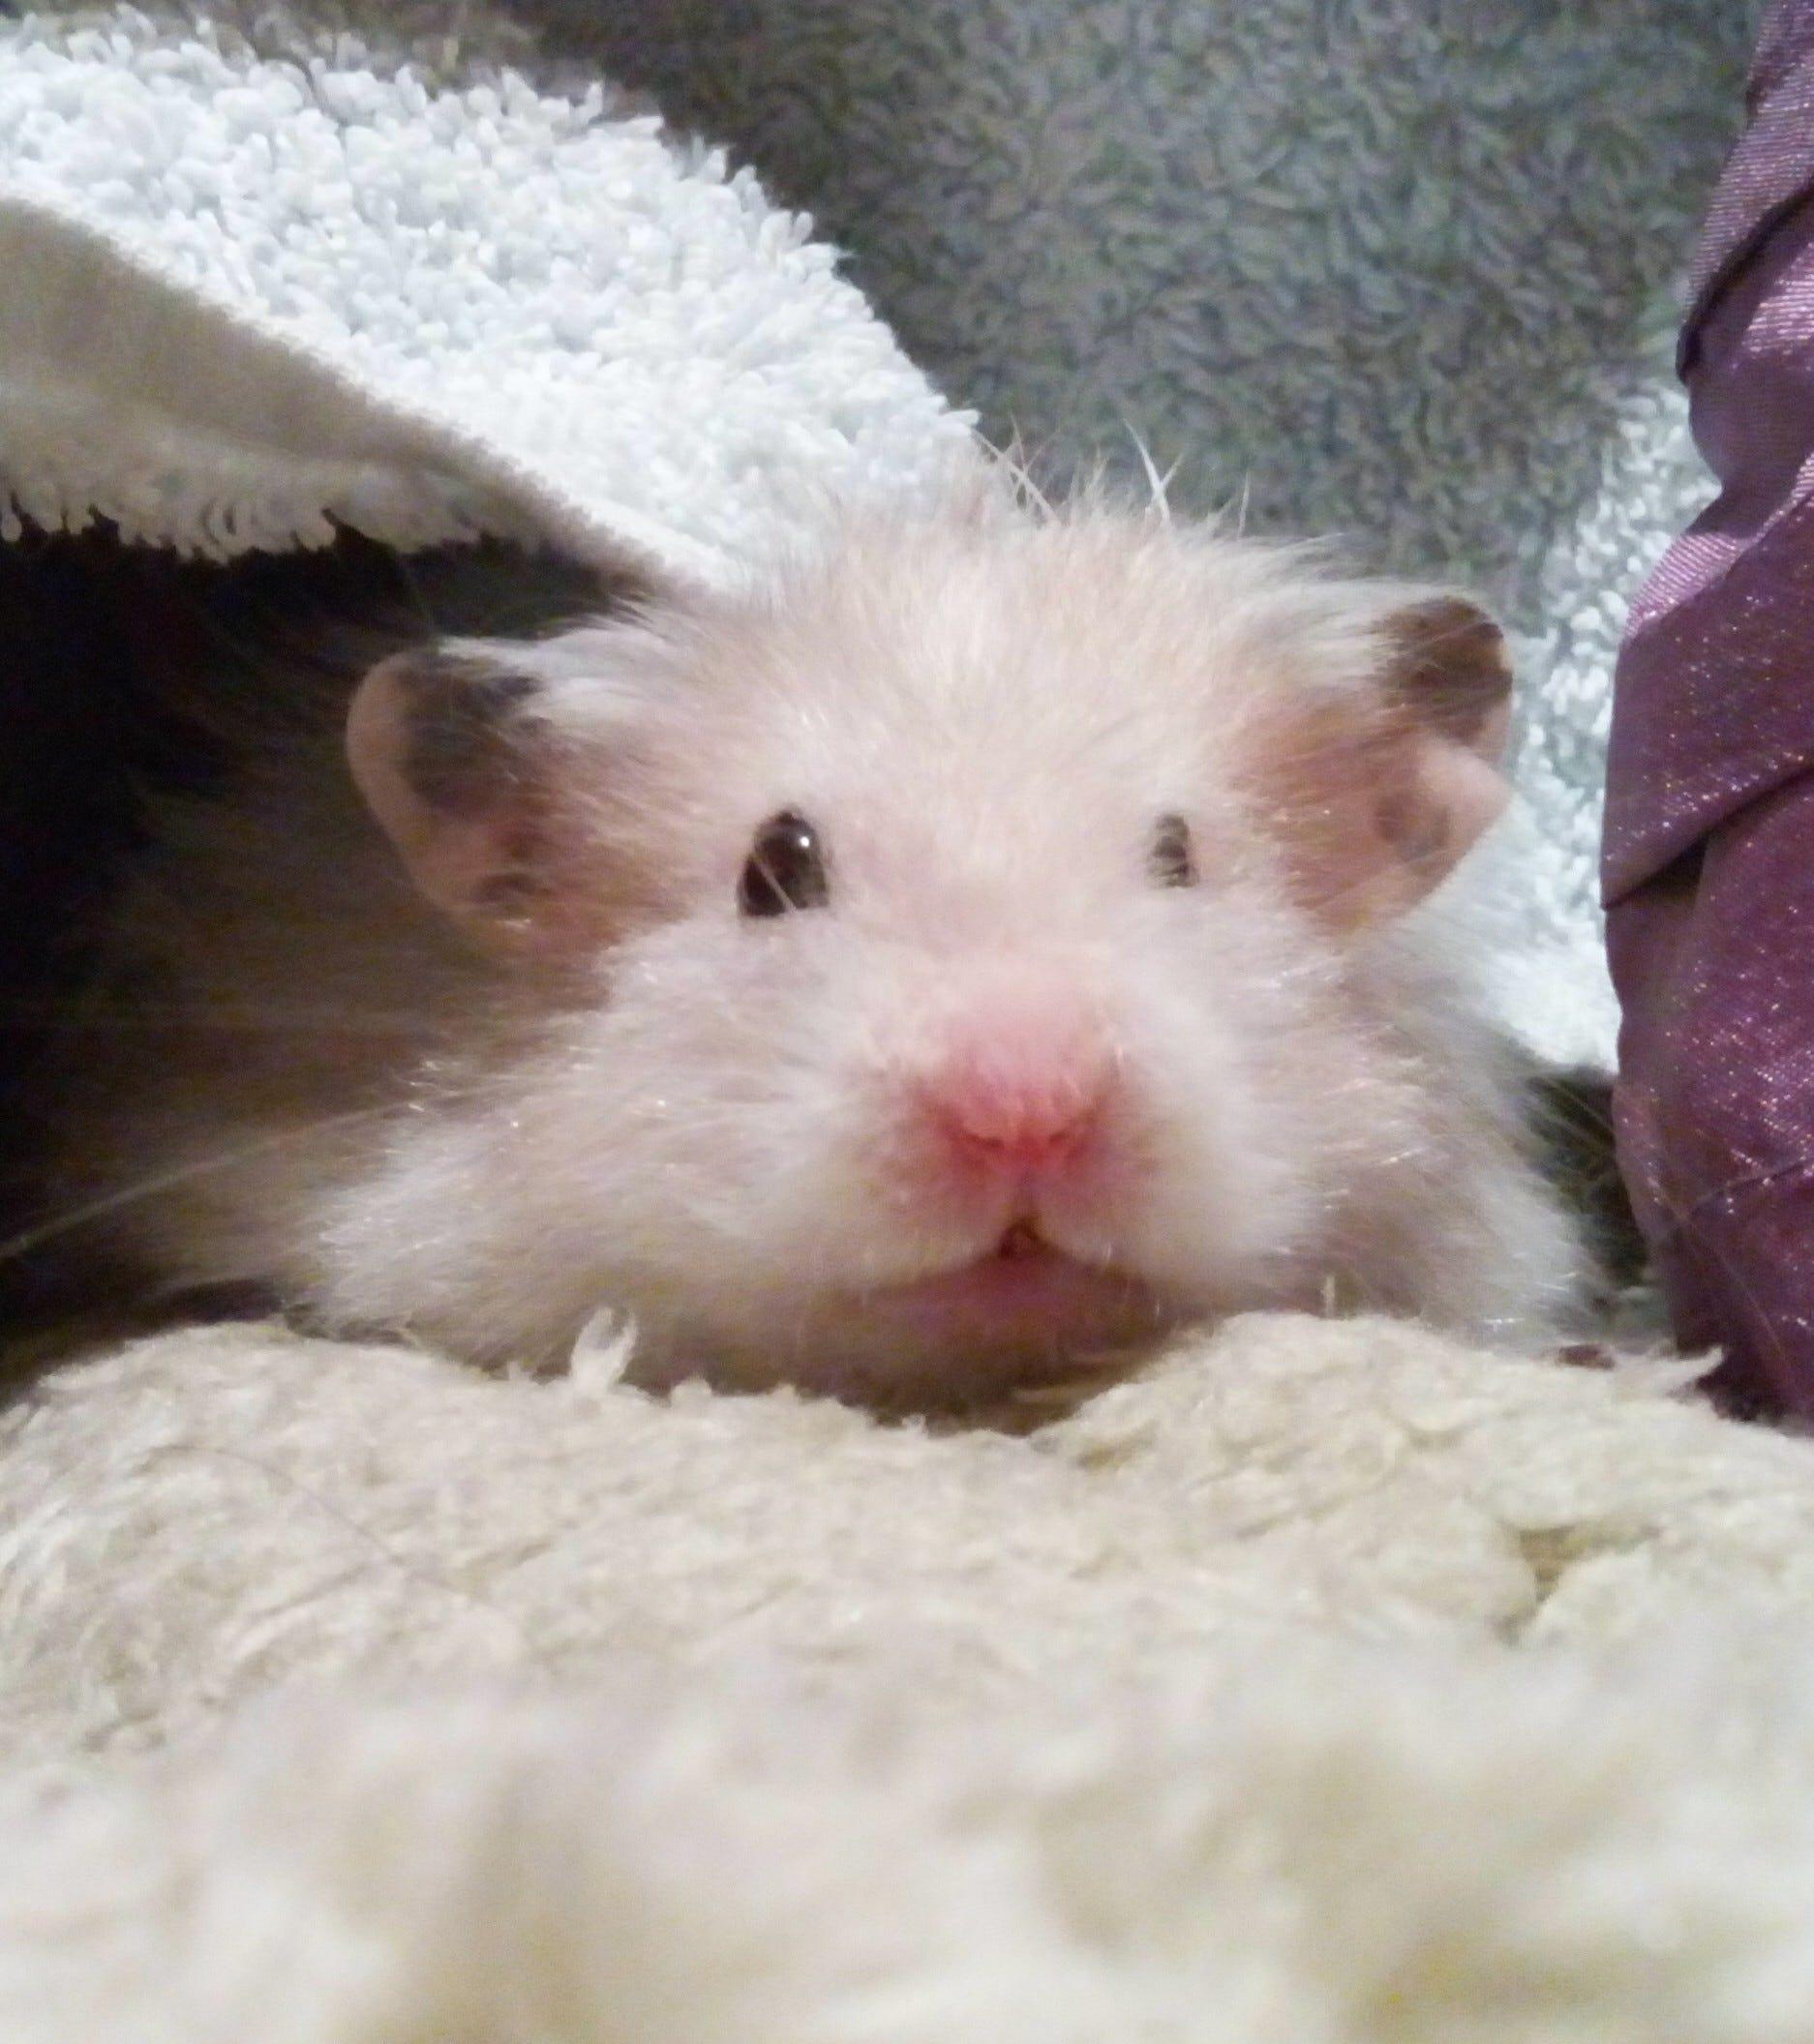 Dobby the hamster